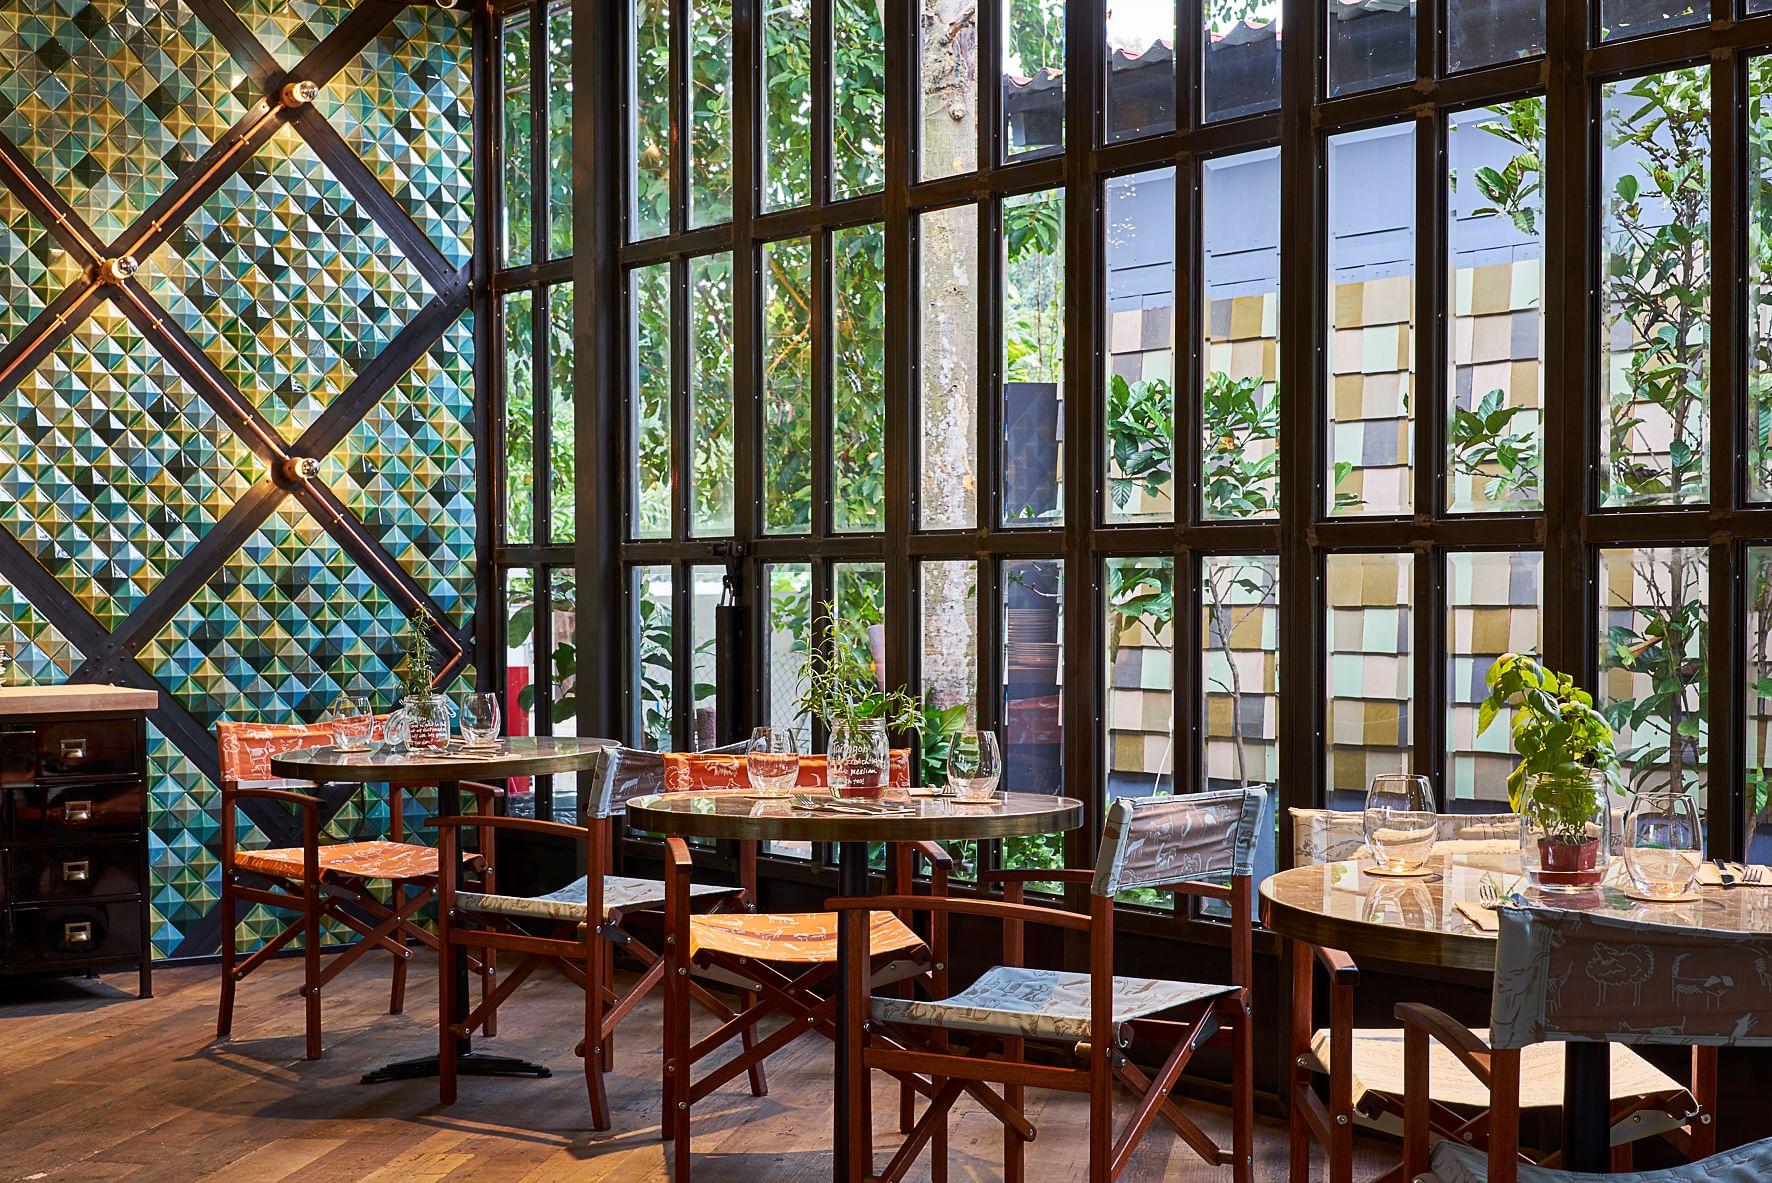 Urban Farming With An Edible Garden And Restaurant At Open